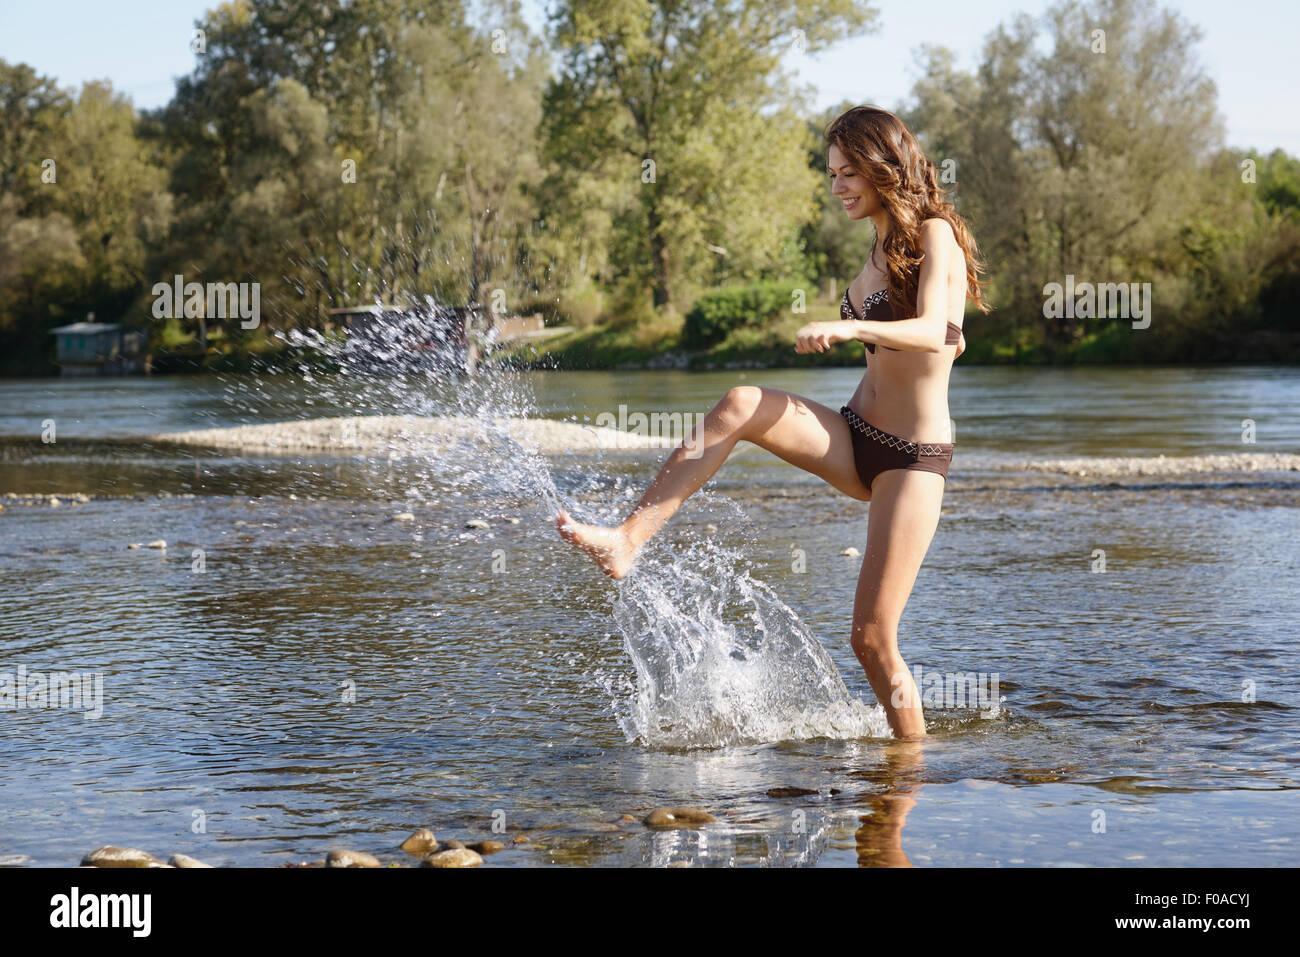 Jeune femme portant un bikini éclabousser et jouer dans la rivière Photo Stock